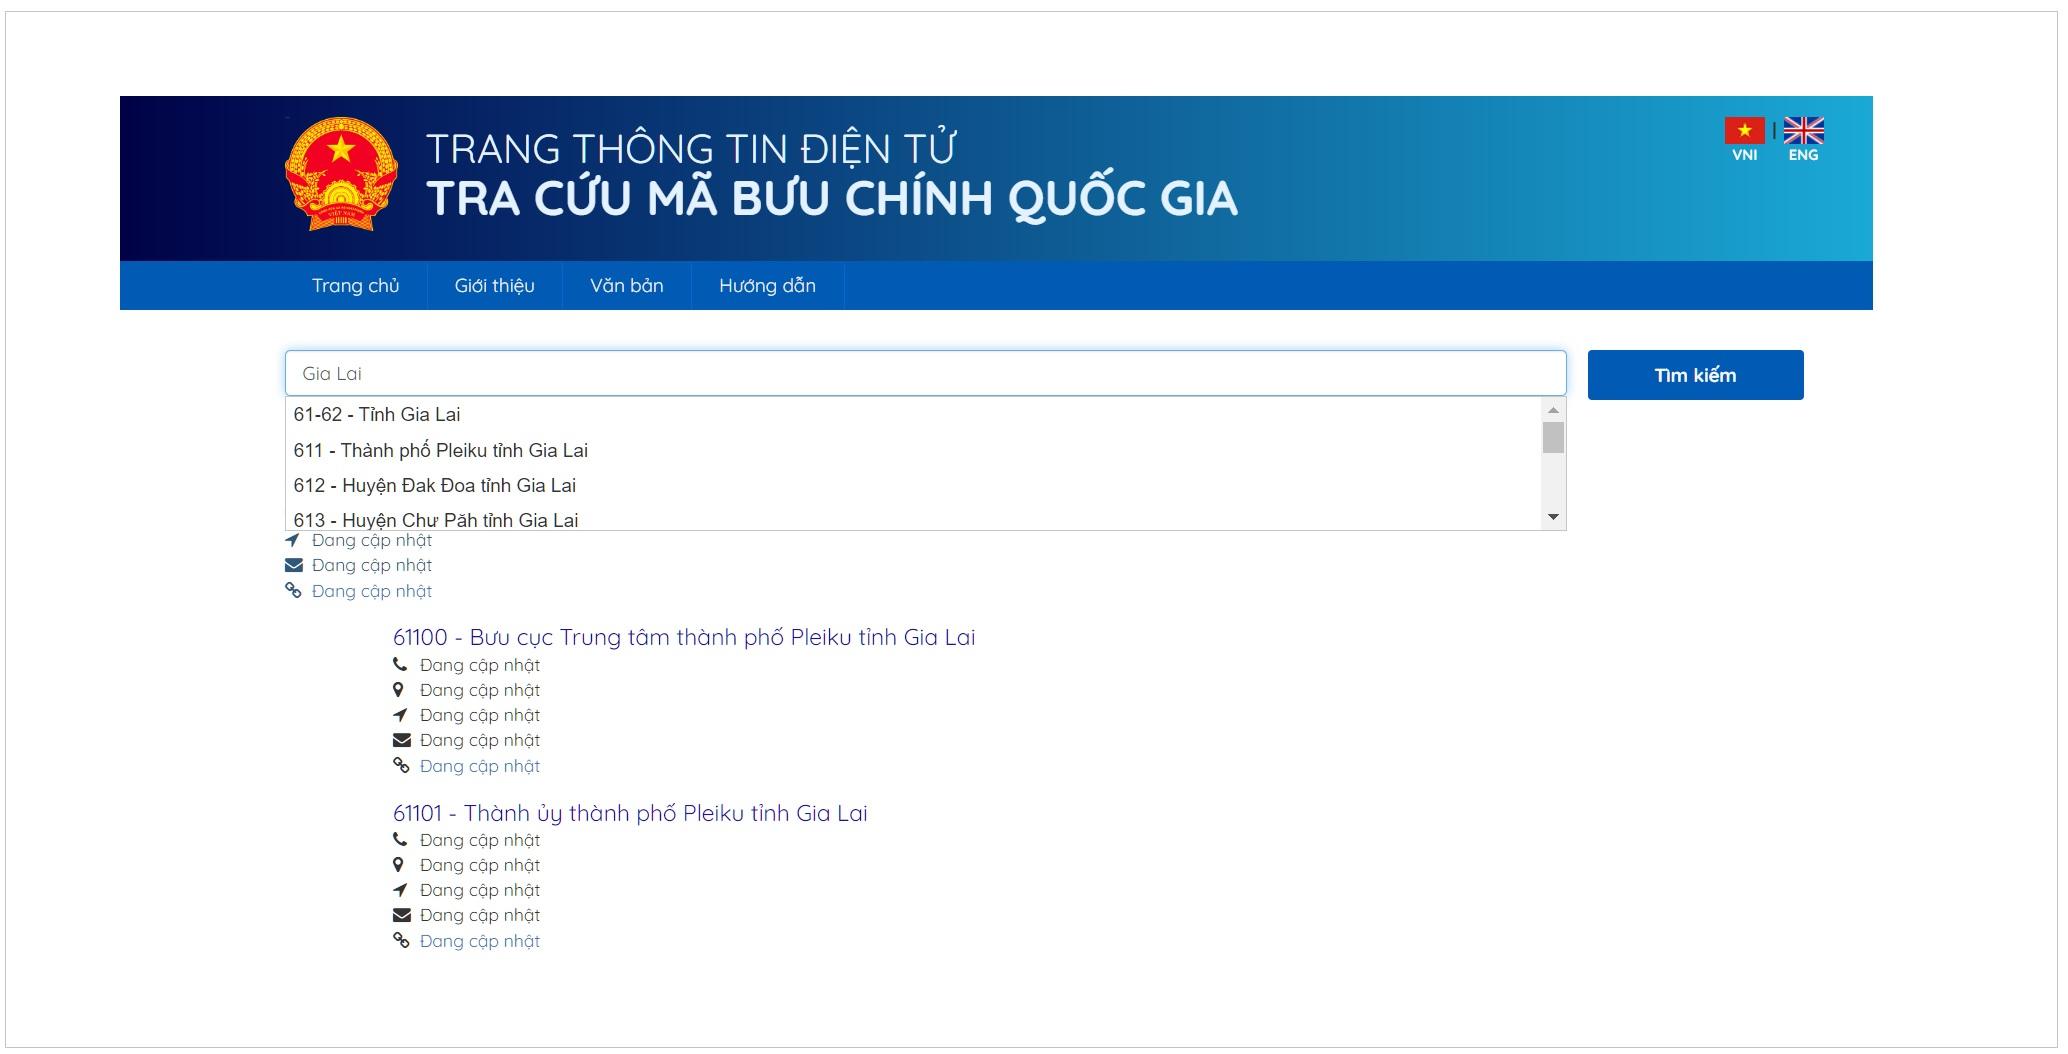 Tra cứu mã bưu chính tại Postcode.vn để có mã chuẩn xác